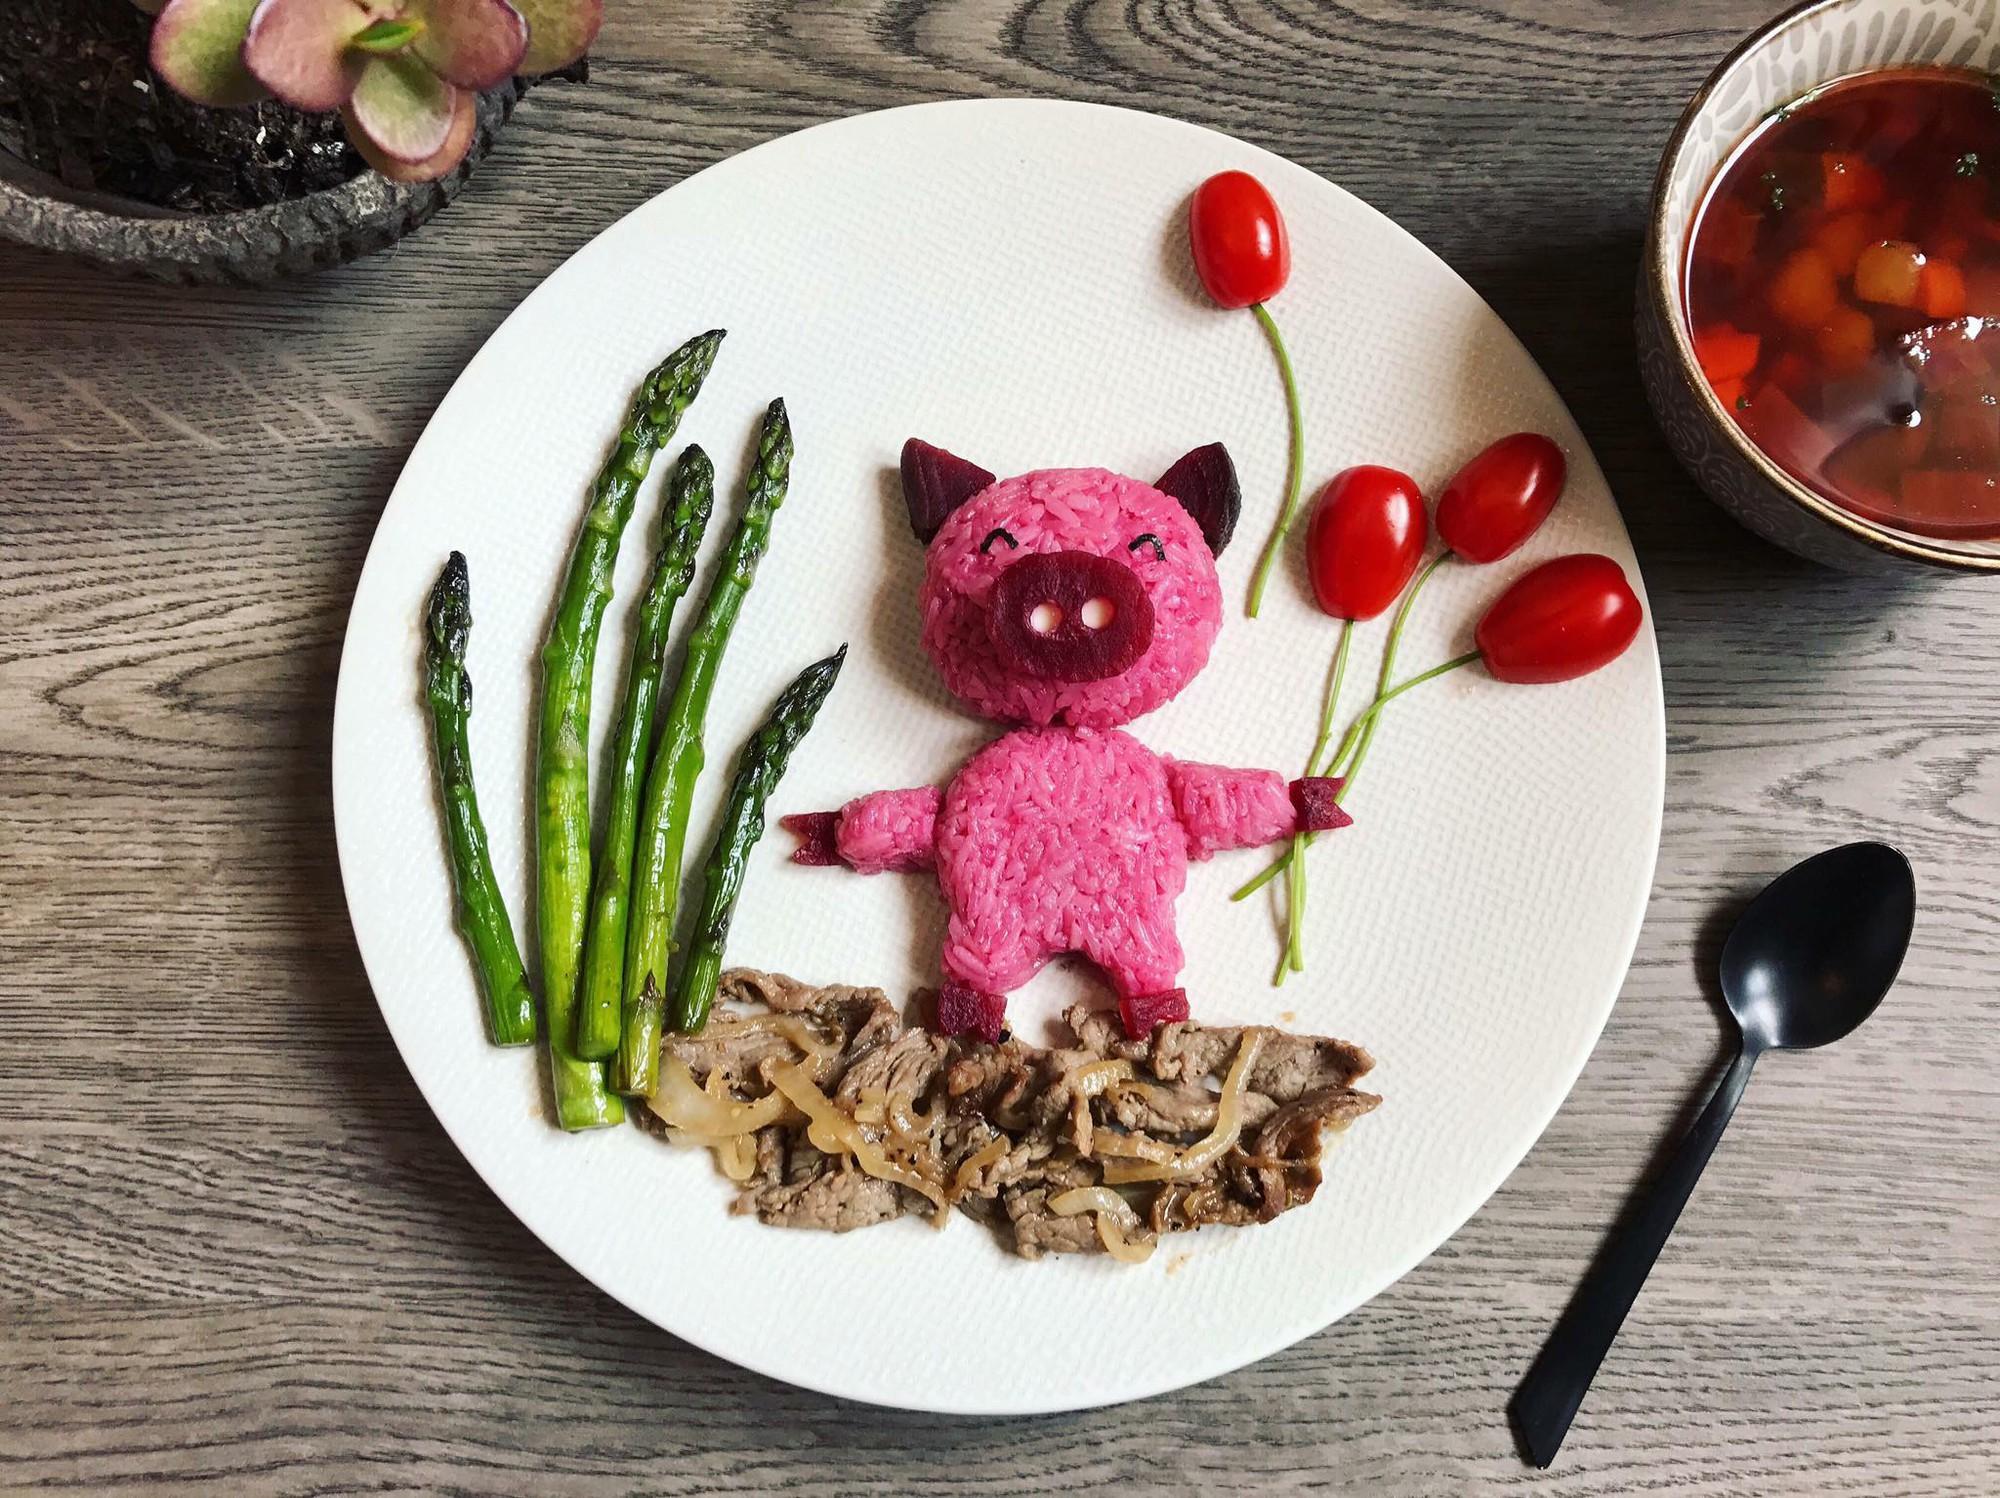 Chùm ảnh: Bà mẹ trẻ mỗi ngày vẽ một bức tranh bằng thức ăn cho con, không ngày nào bị lặp ý tưởng mới tài - Ảnh 19.